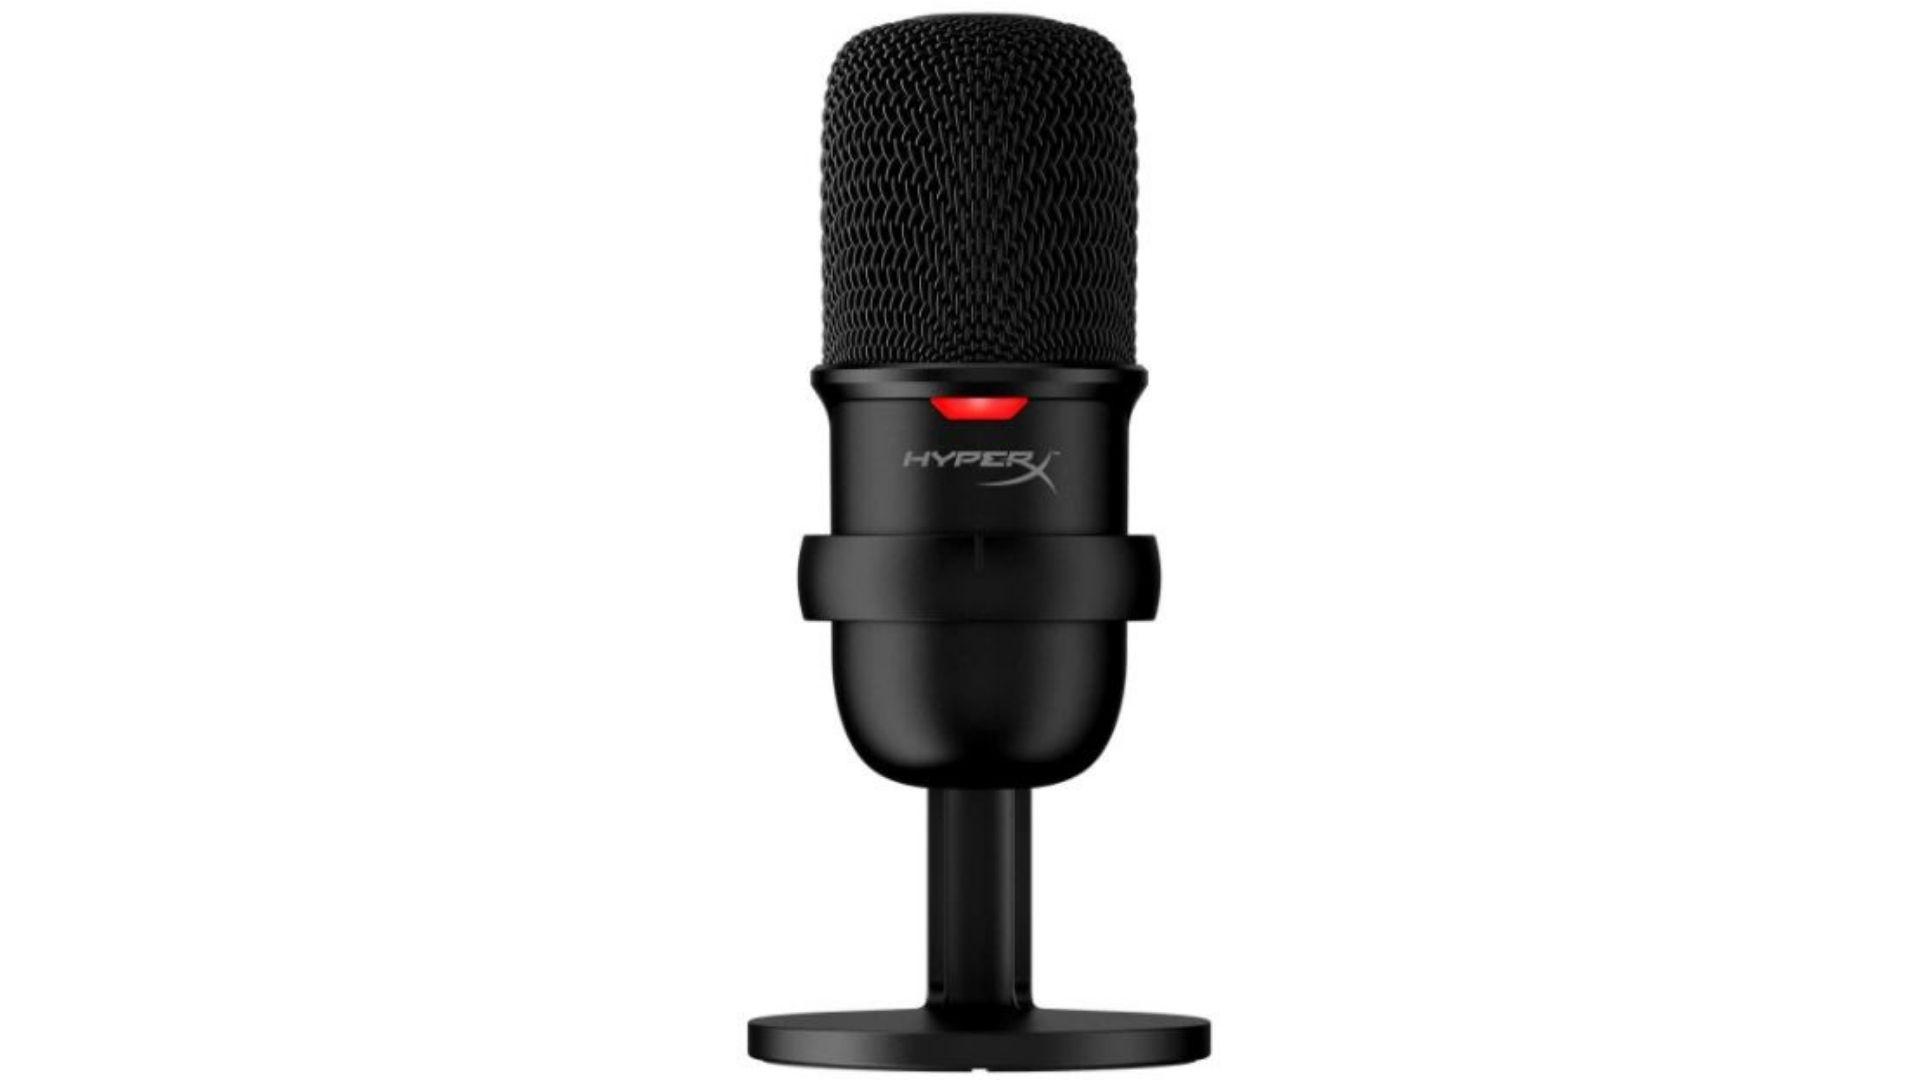 HyperX Solocast tem sensor de toque para silenciar e LED indicador de microfone em mudo (Divulgação/ HyperX)